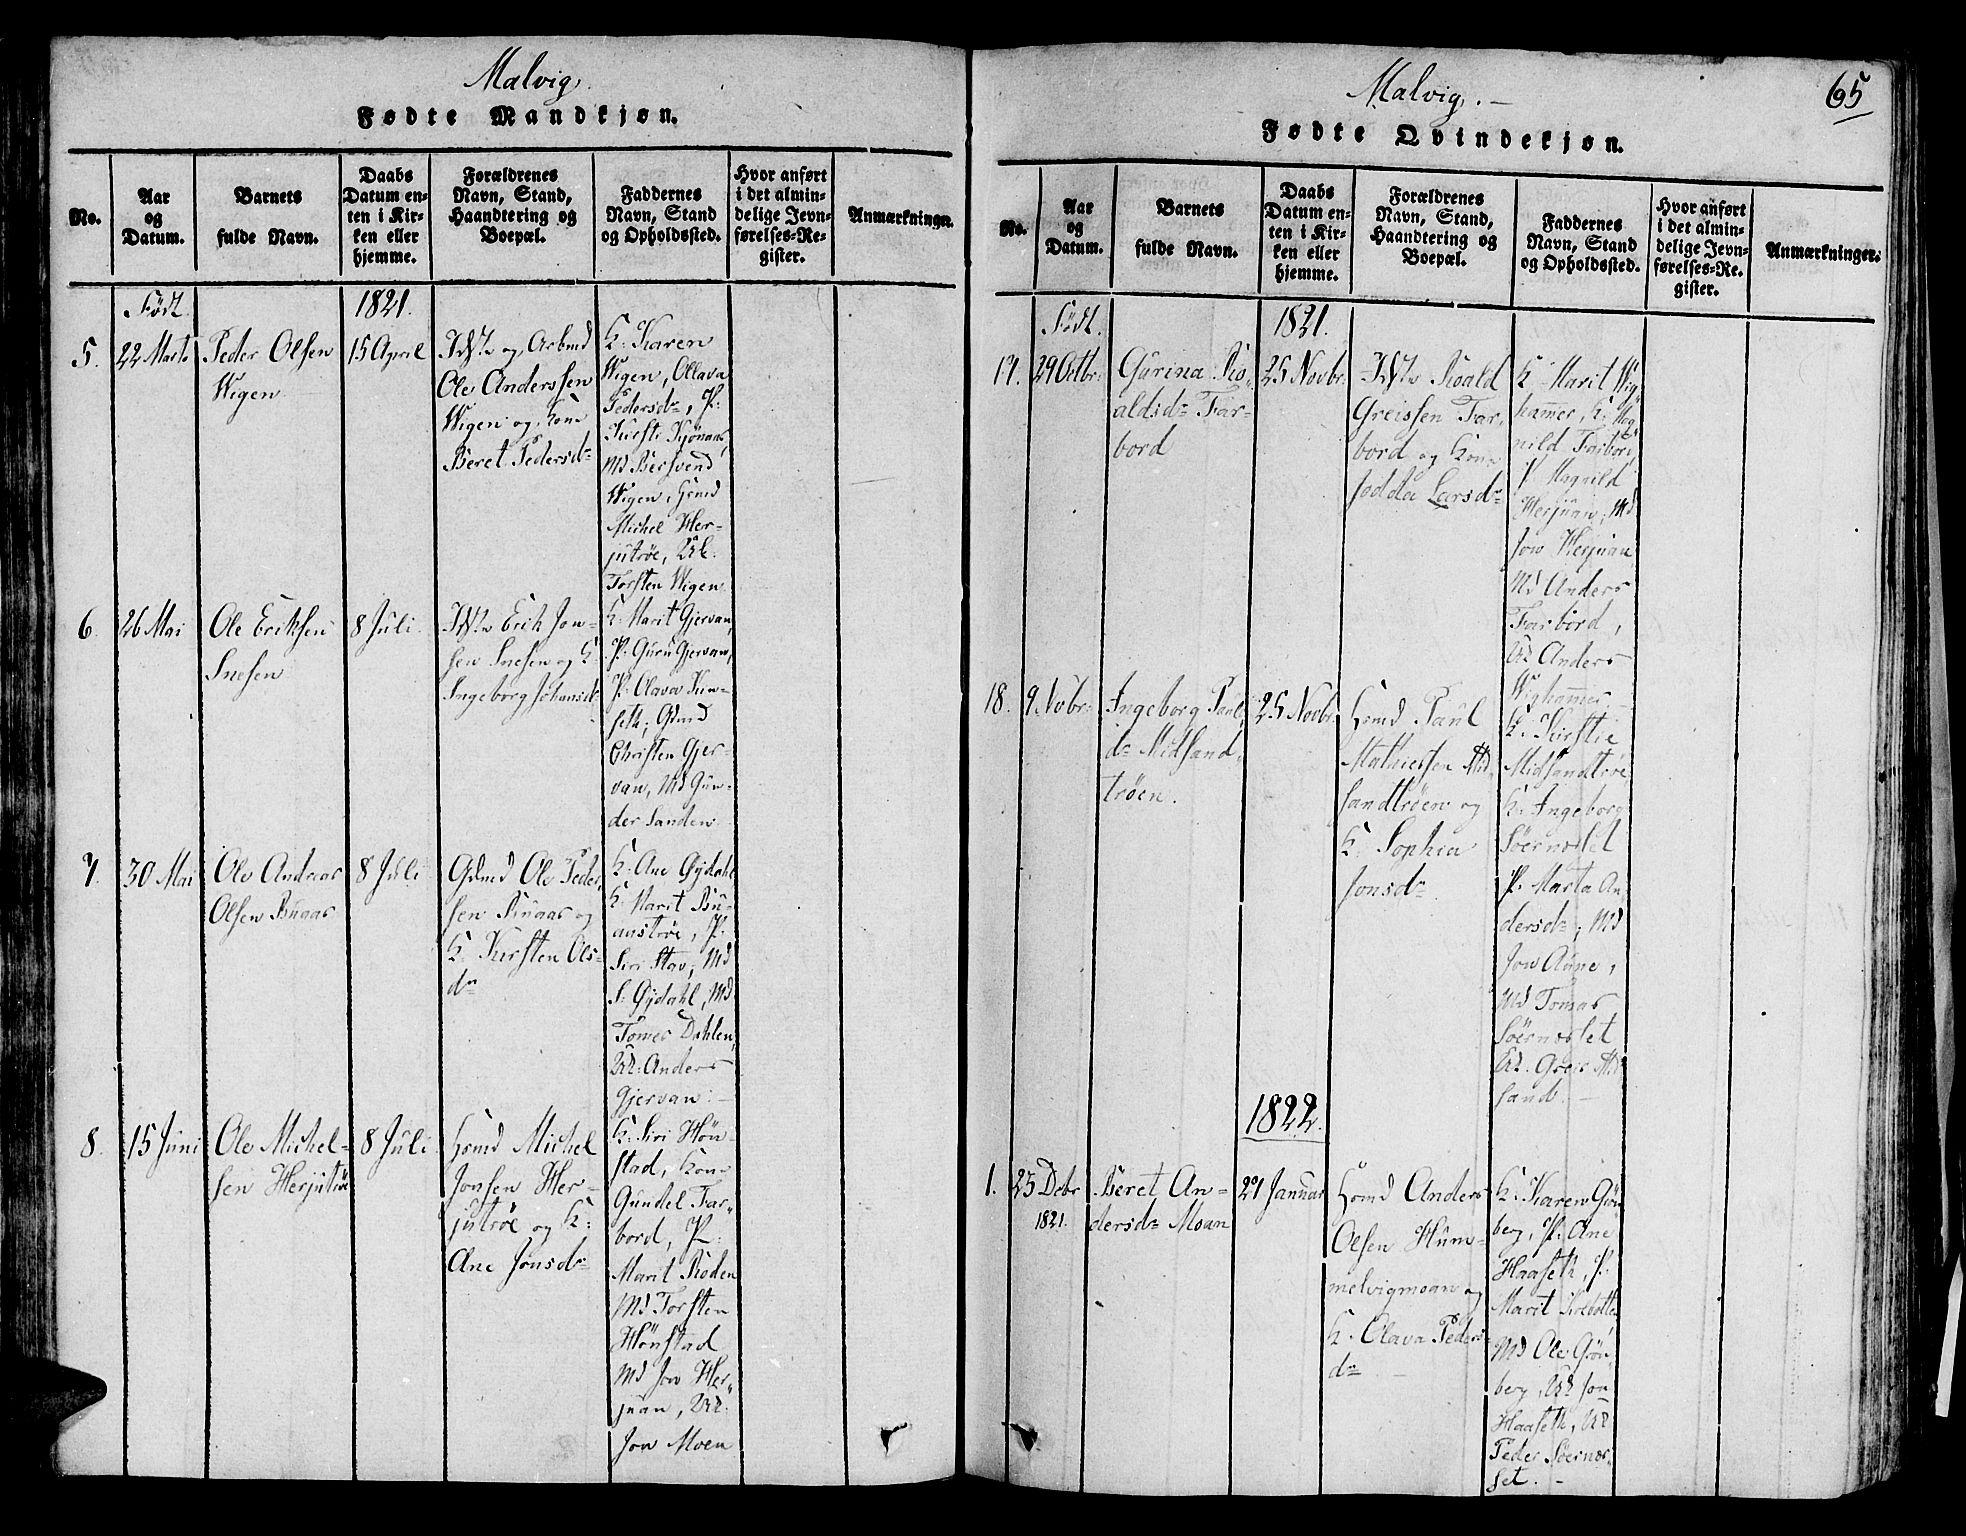 SAT, Ministerialprotokoller, klokkerbøker og fødselsregistre - Sør-Trøndelag, 606/L0284: Ministerialbok nr. 606A03 /2, 1819-1823, s. 65